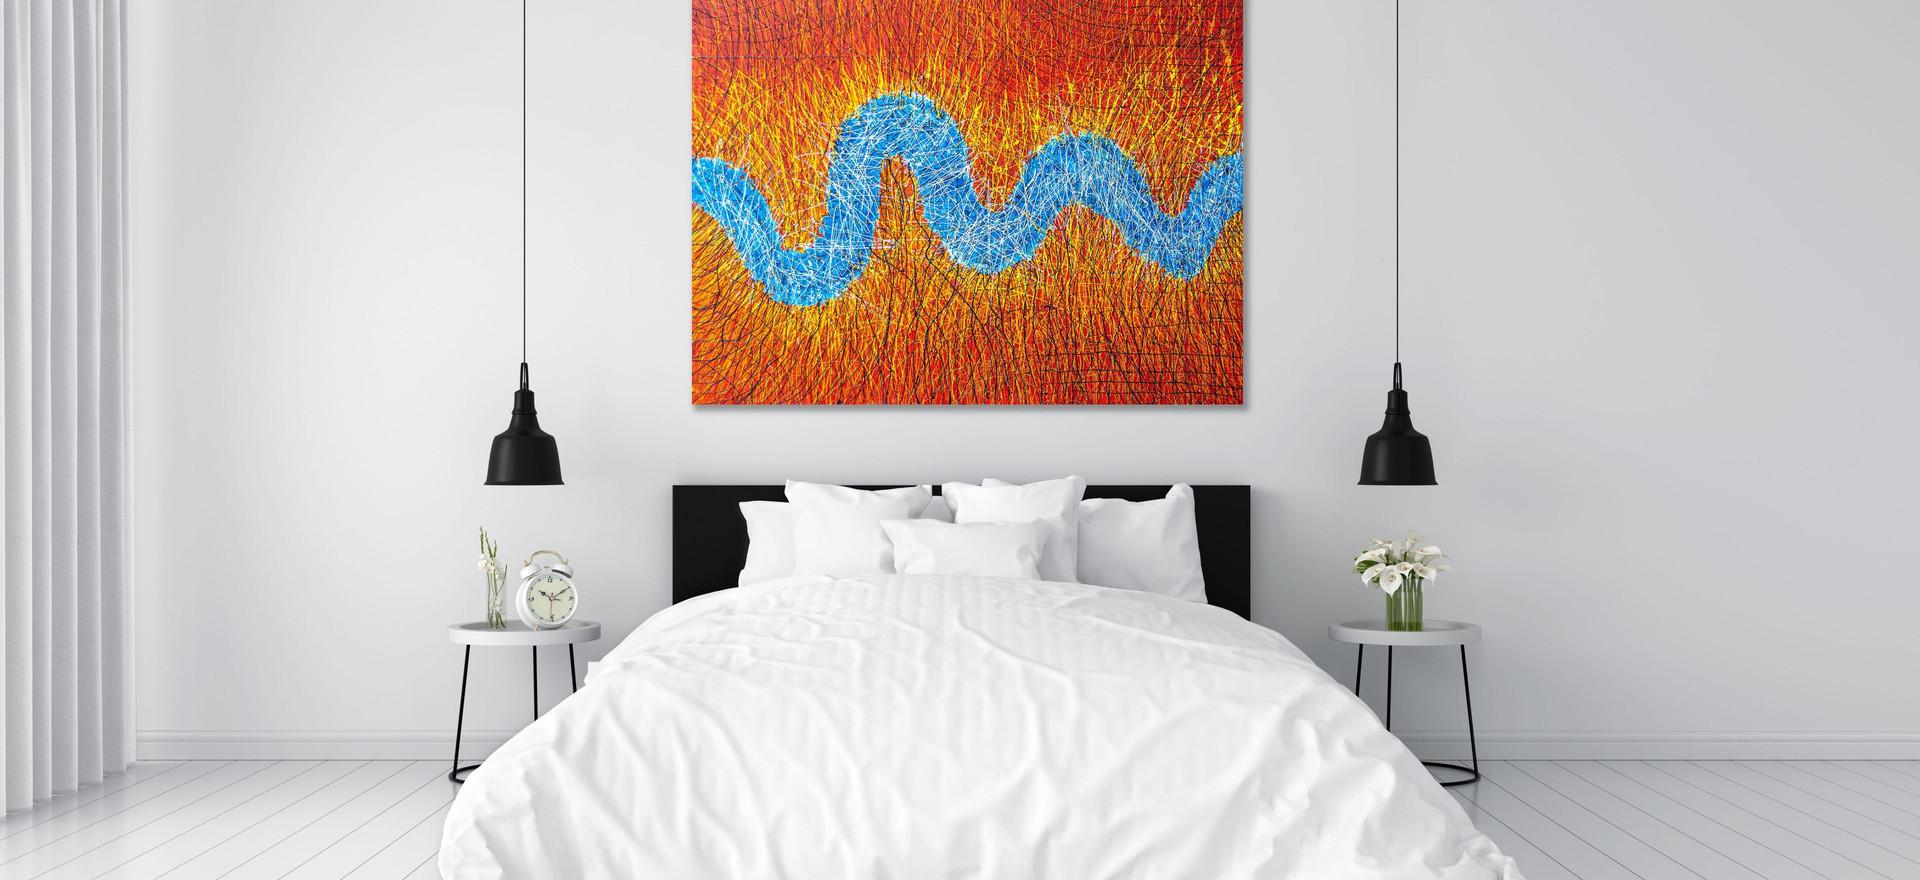 river_acrylic_on_canvas_.jpg